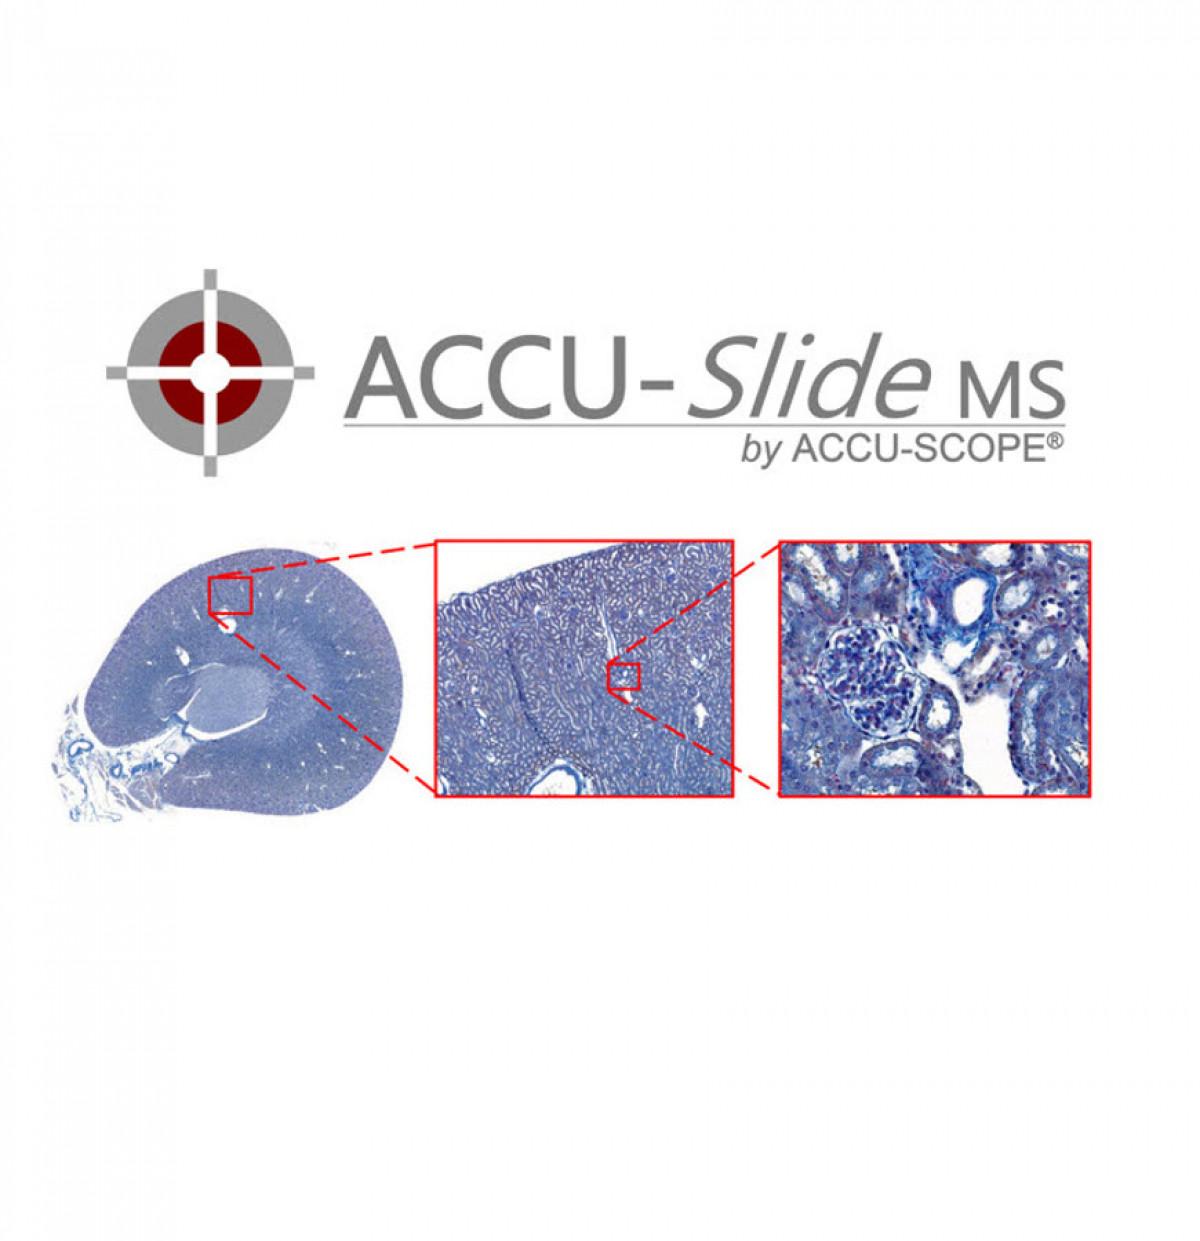 accu-slidems